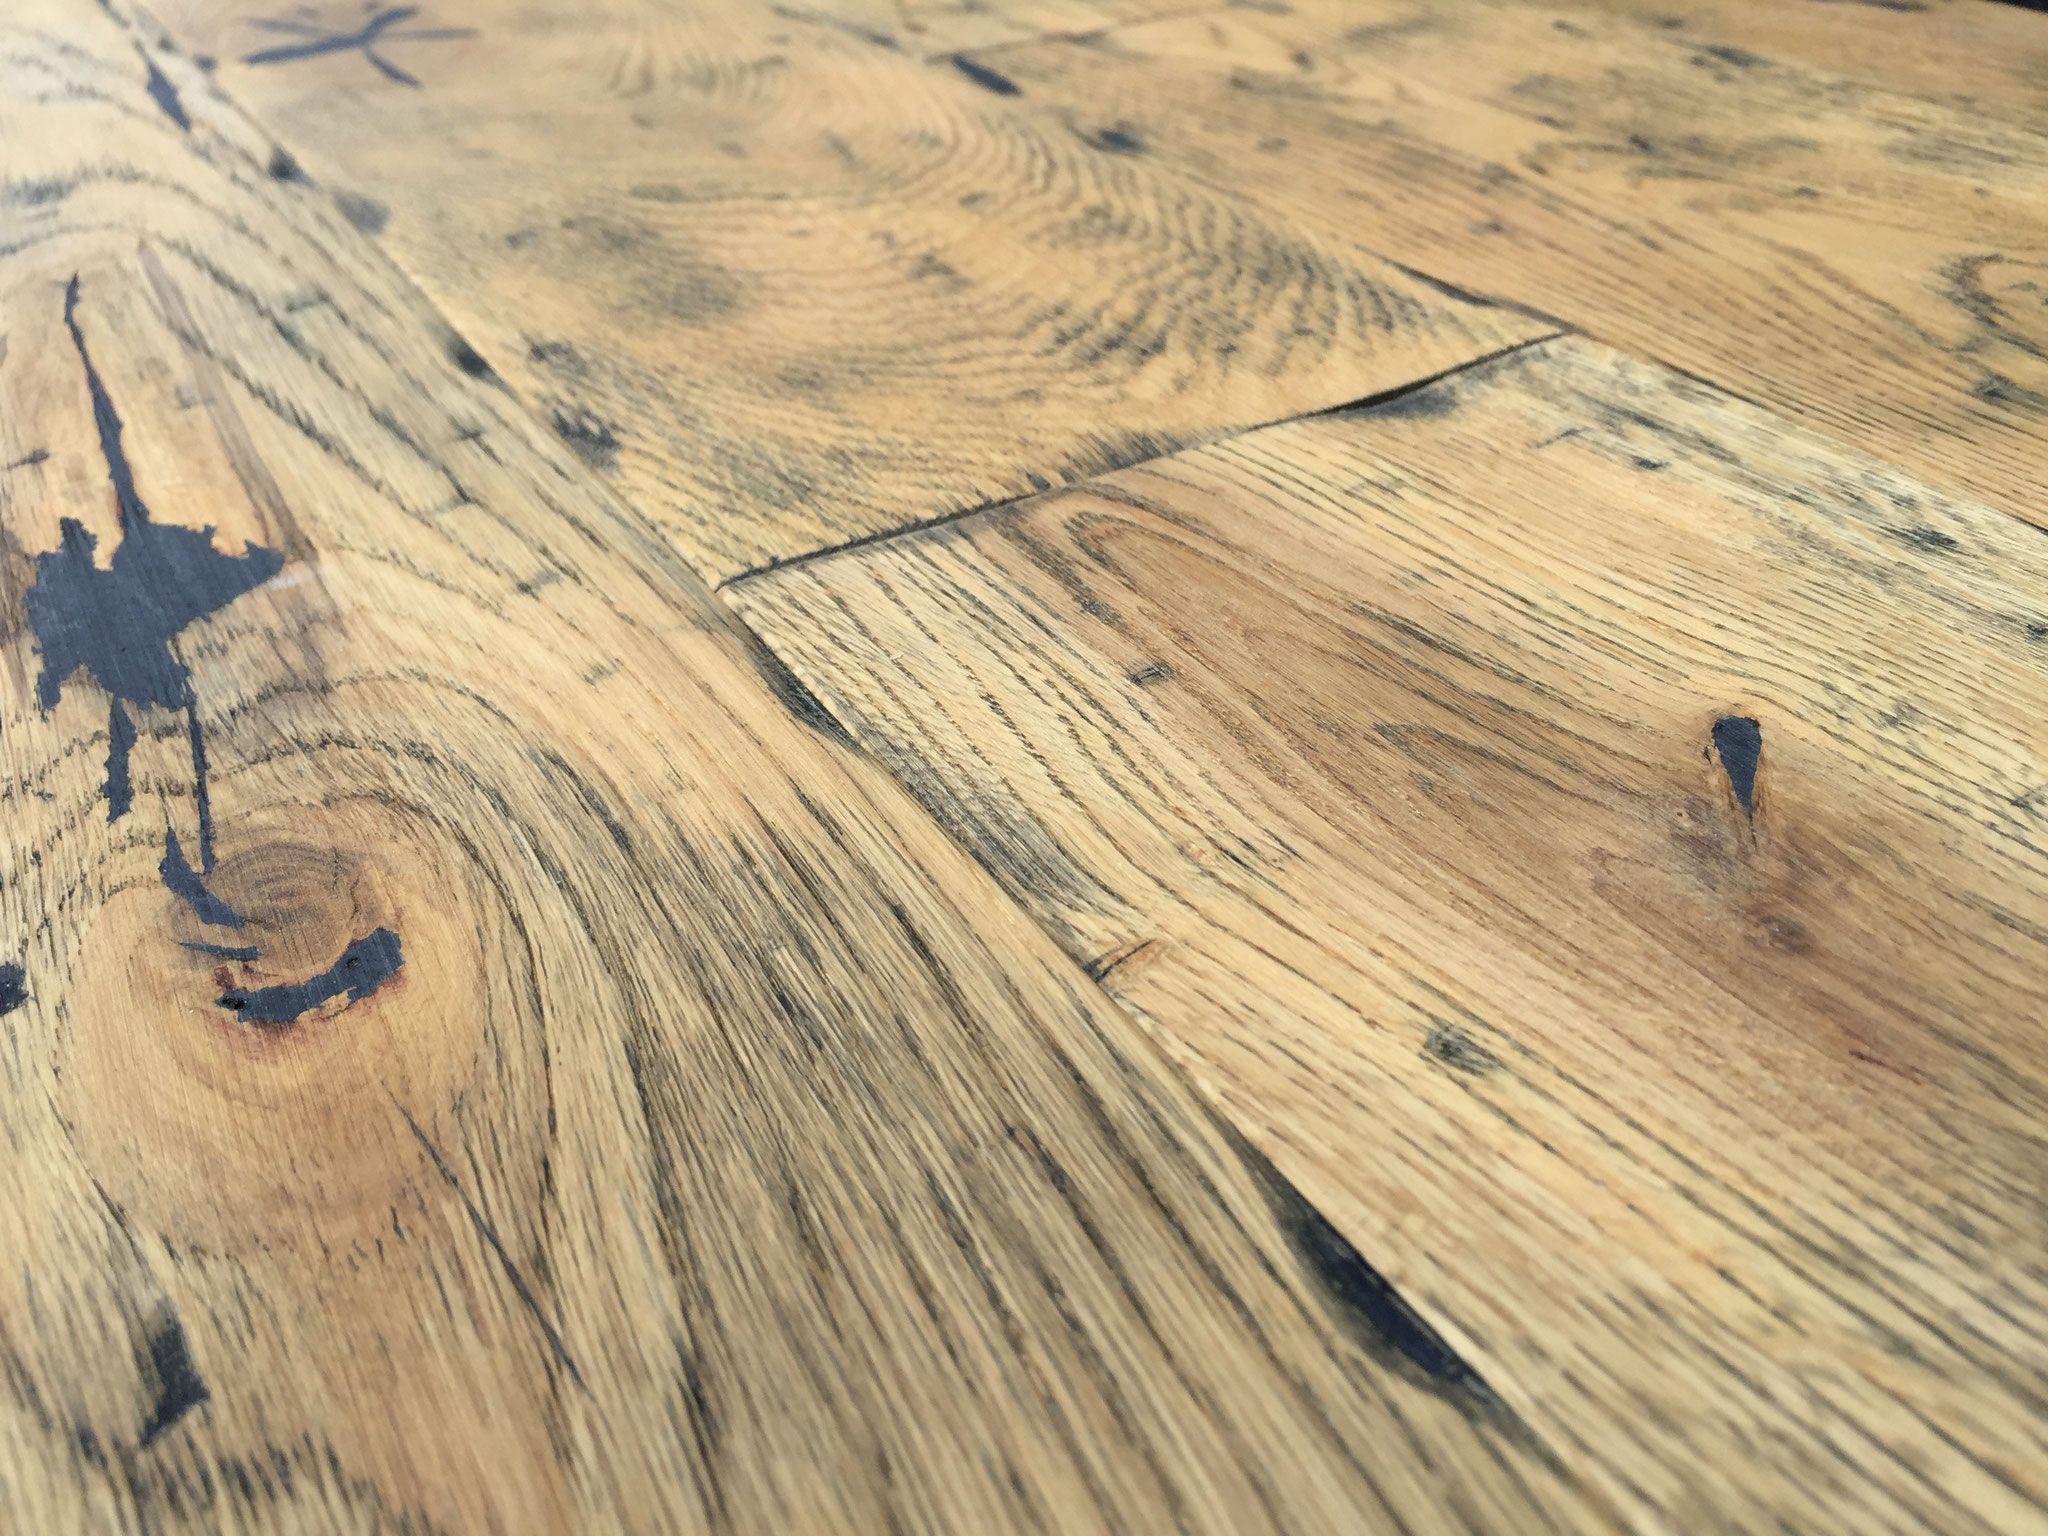 Holzfußboden Optik ~ Wirtshausboden ein interessanter bodenbelag in 3d optik und sehr